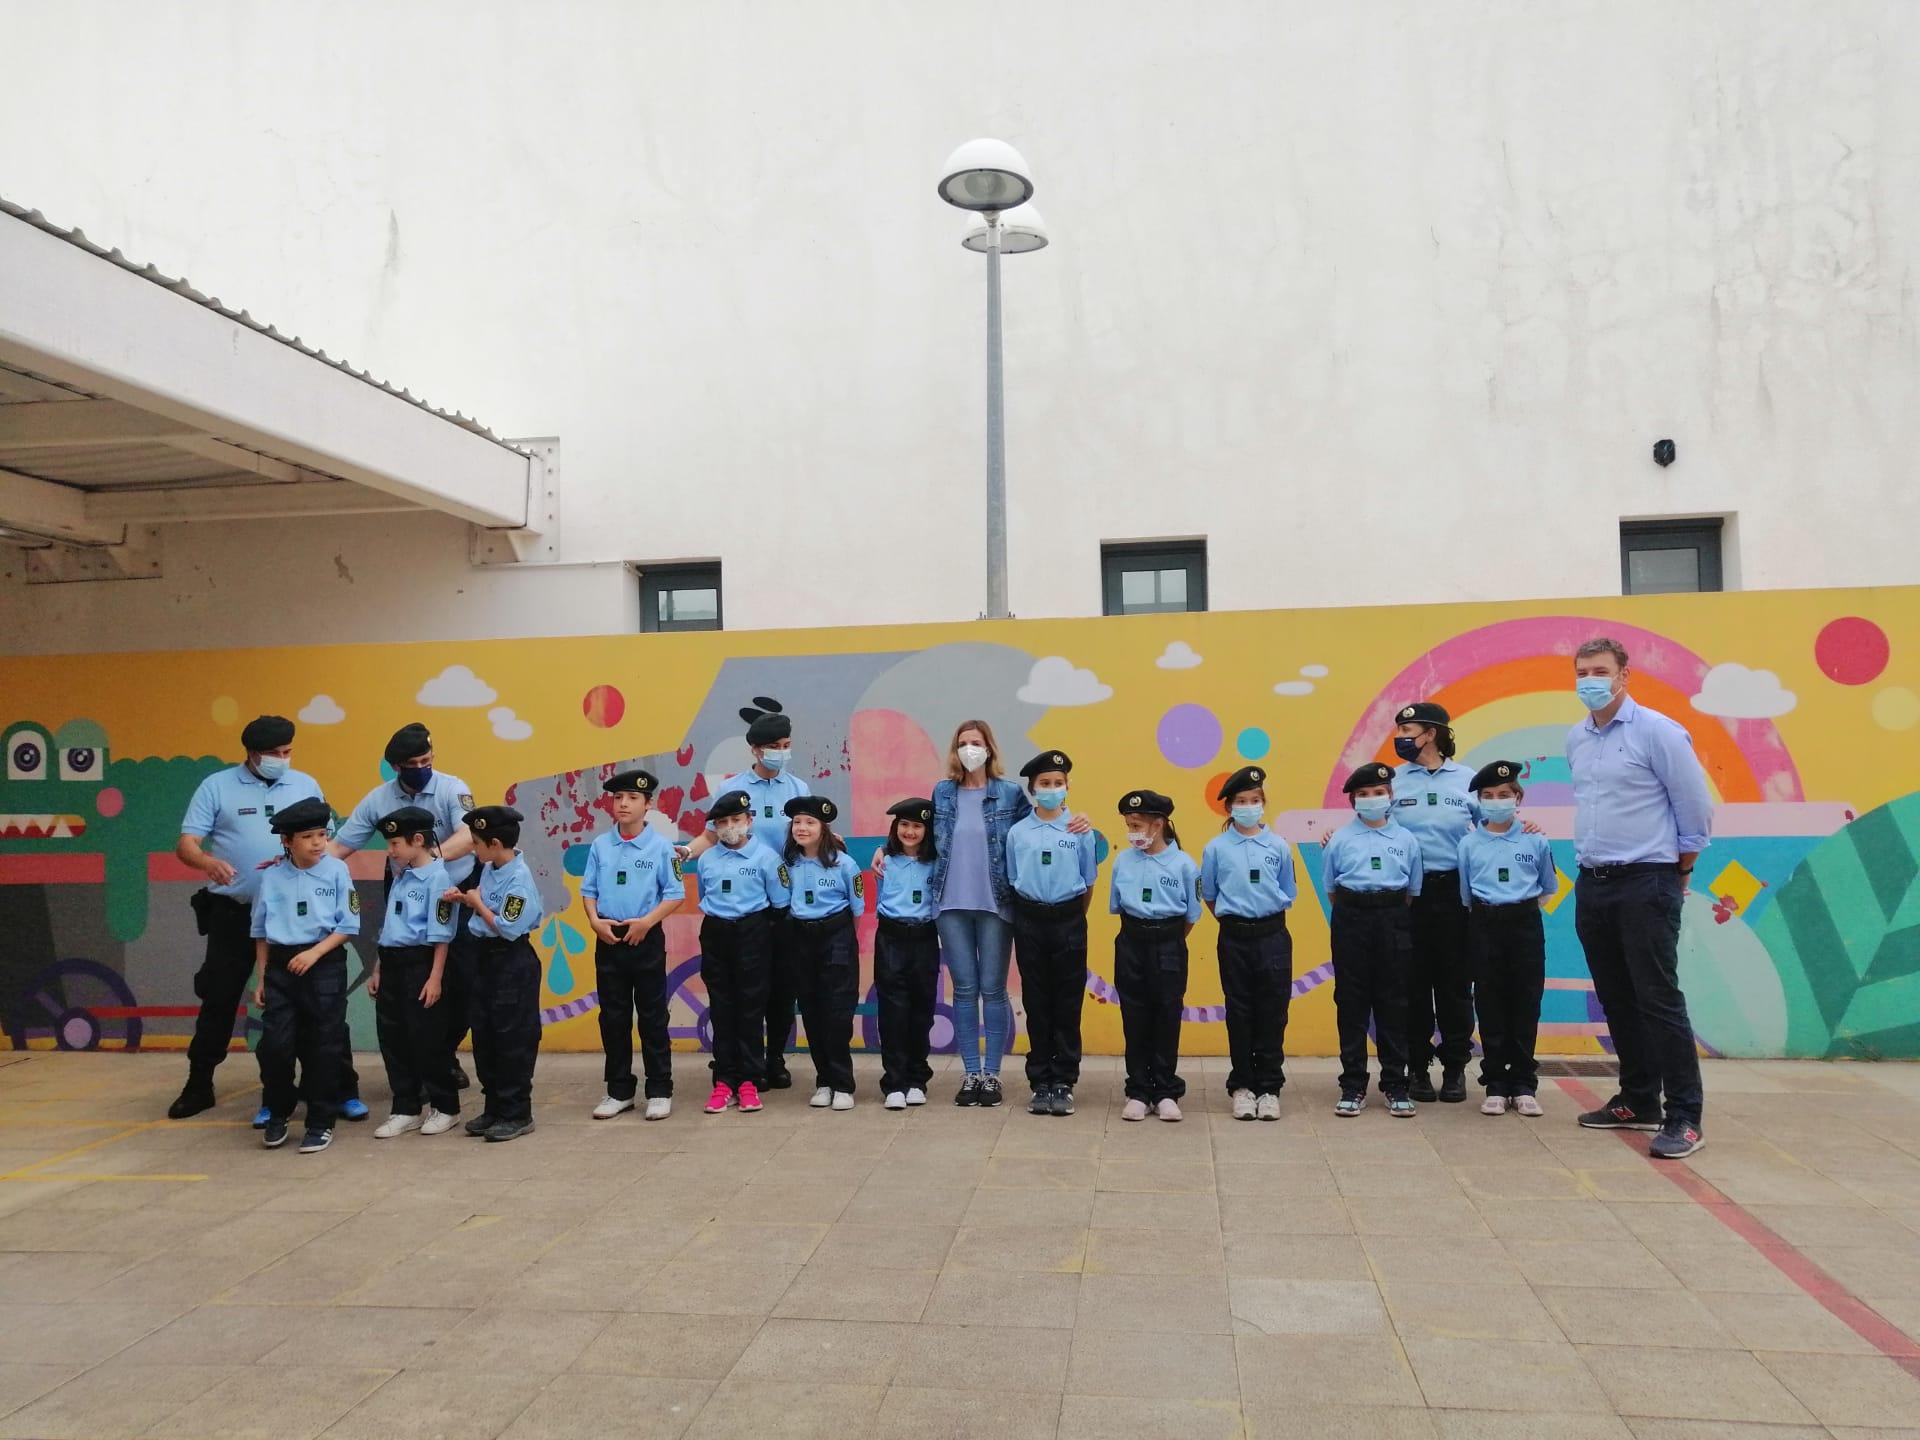 DIA MUNDIAL DA CRIANÇA – A GNR esteve na Escola Básica EB1/JI de Fanhões com o Grupo de Intervenção Cinotécnica com Cães, um grupo de Crianças vestiu a farda de Guarda e foi certamente uma manhã inesquecível!